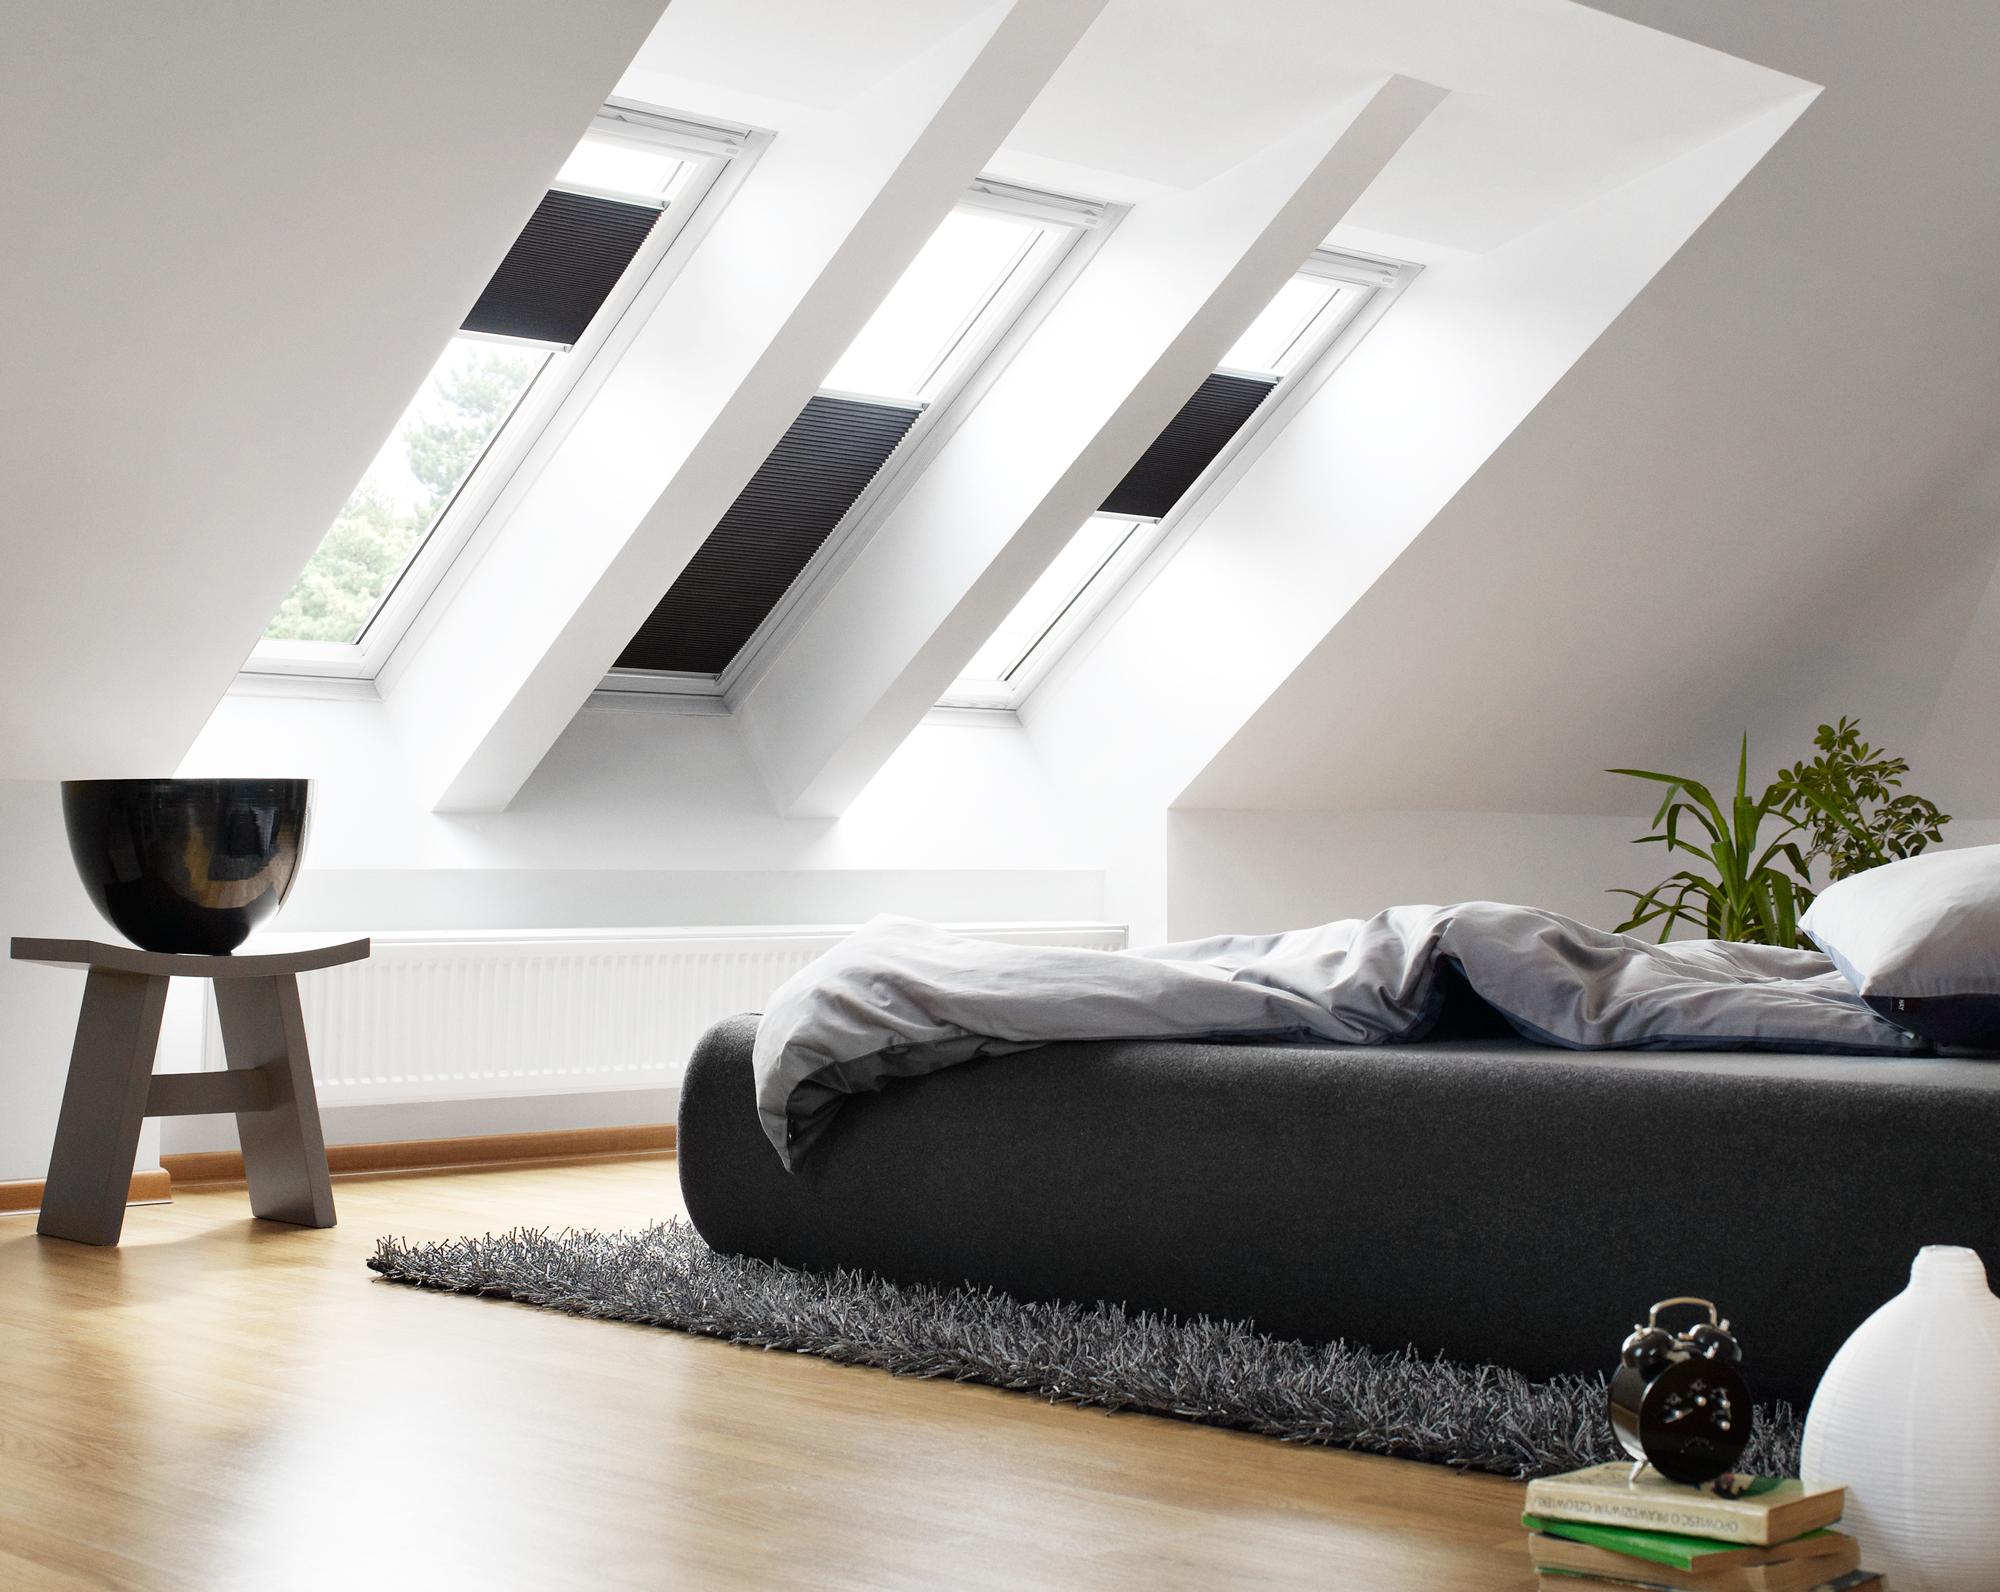 estores enrollables ventana tejado